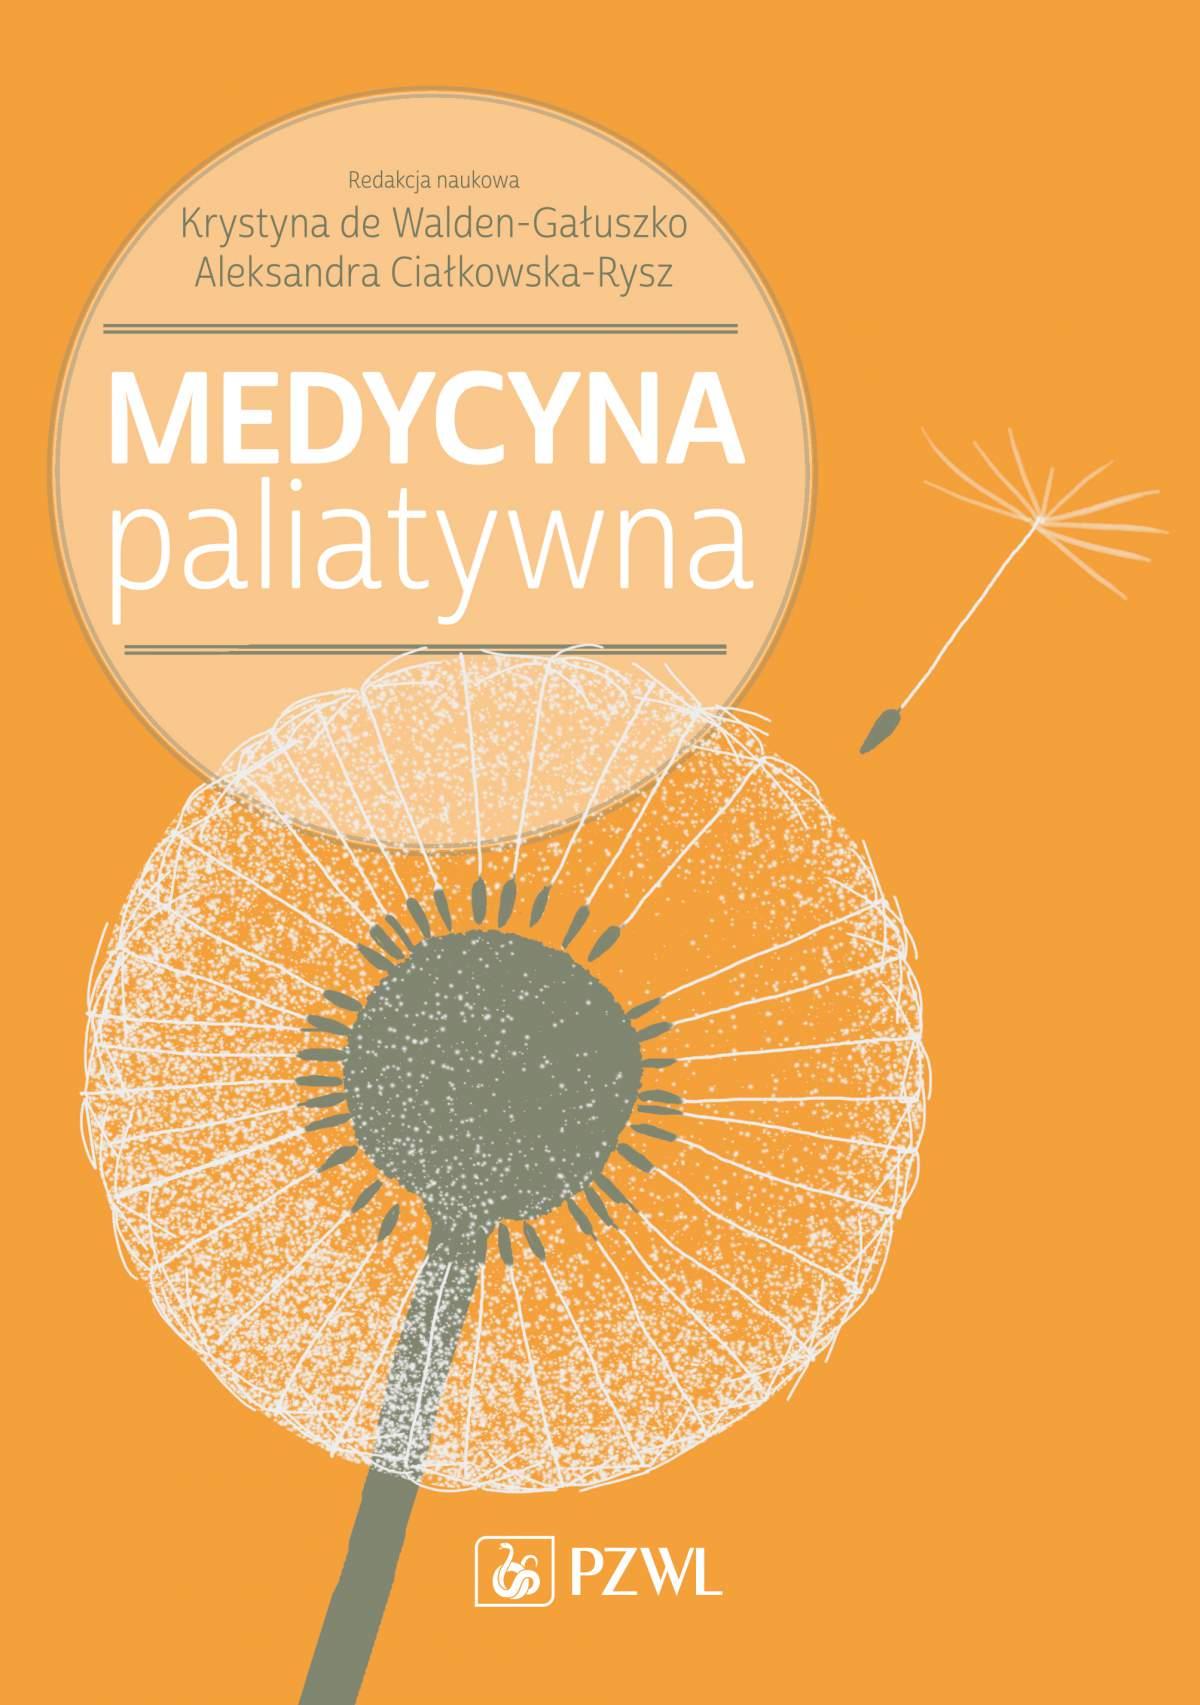 Medycyna paliatywna - Ebook (Książka EPUB) do pobrania w formacie EPUB